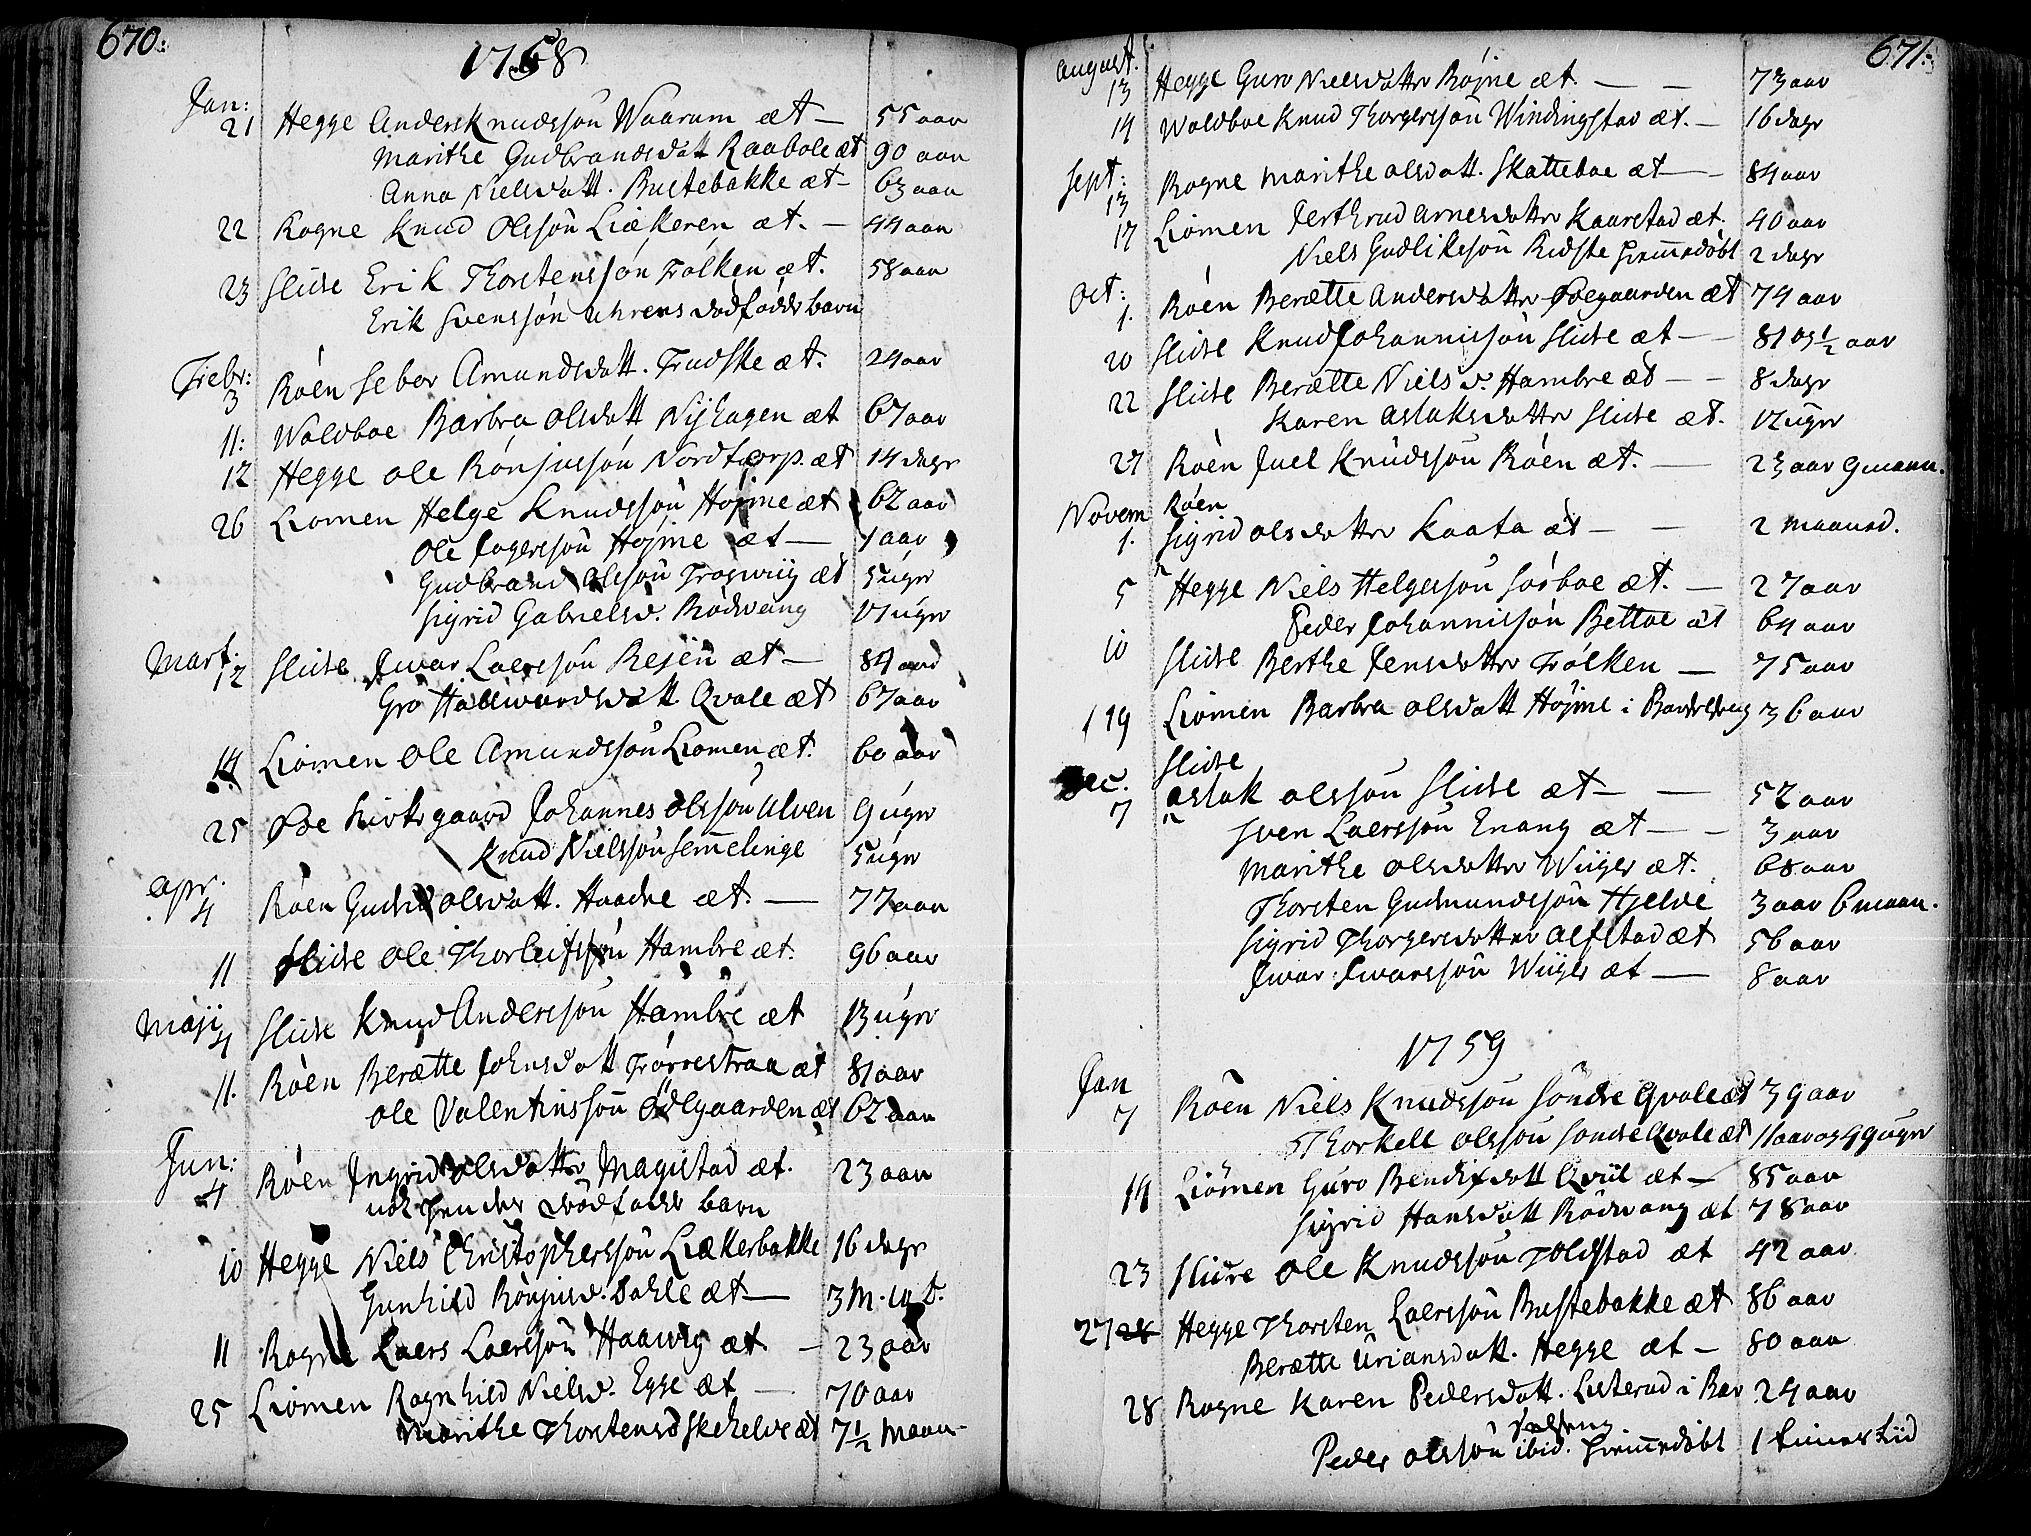 SAH, Slidre prestekontor, Ministerialbok nr. 1, 1724-1814, s. 670-671